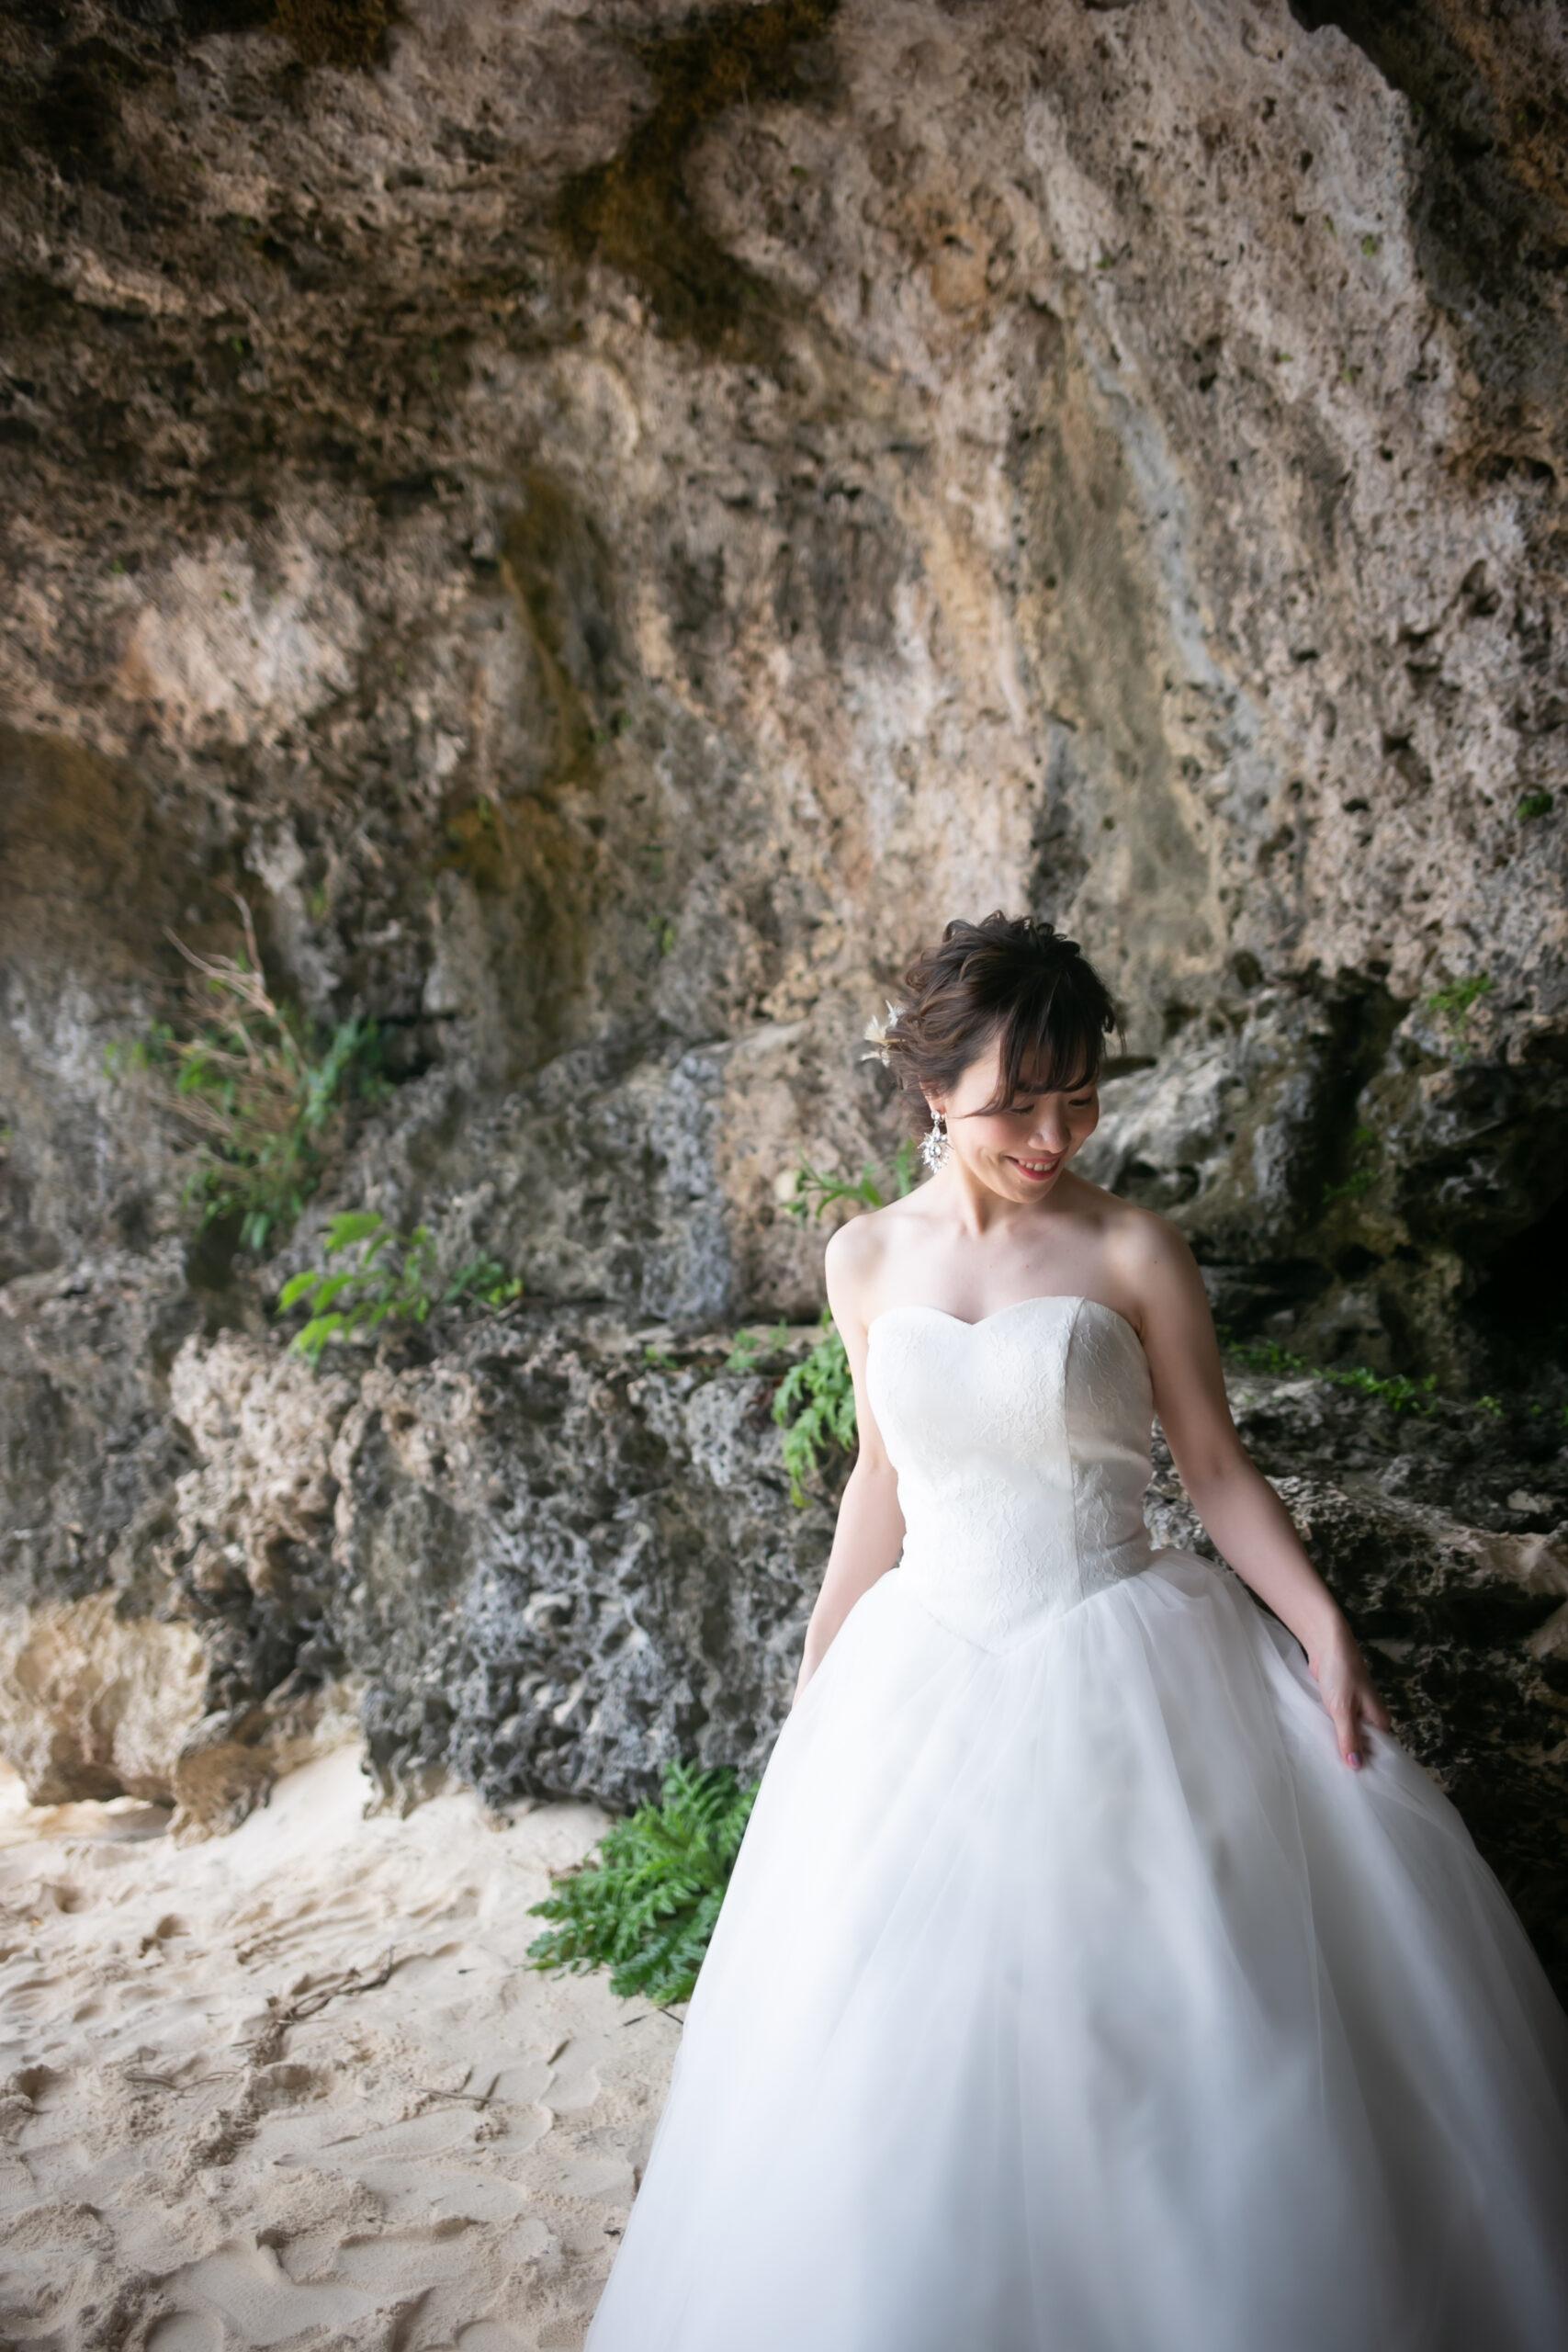 洞窟前にて新婦一人写し